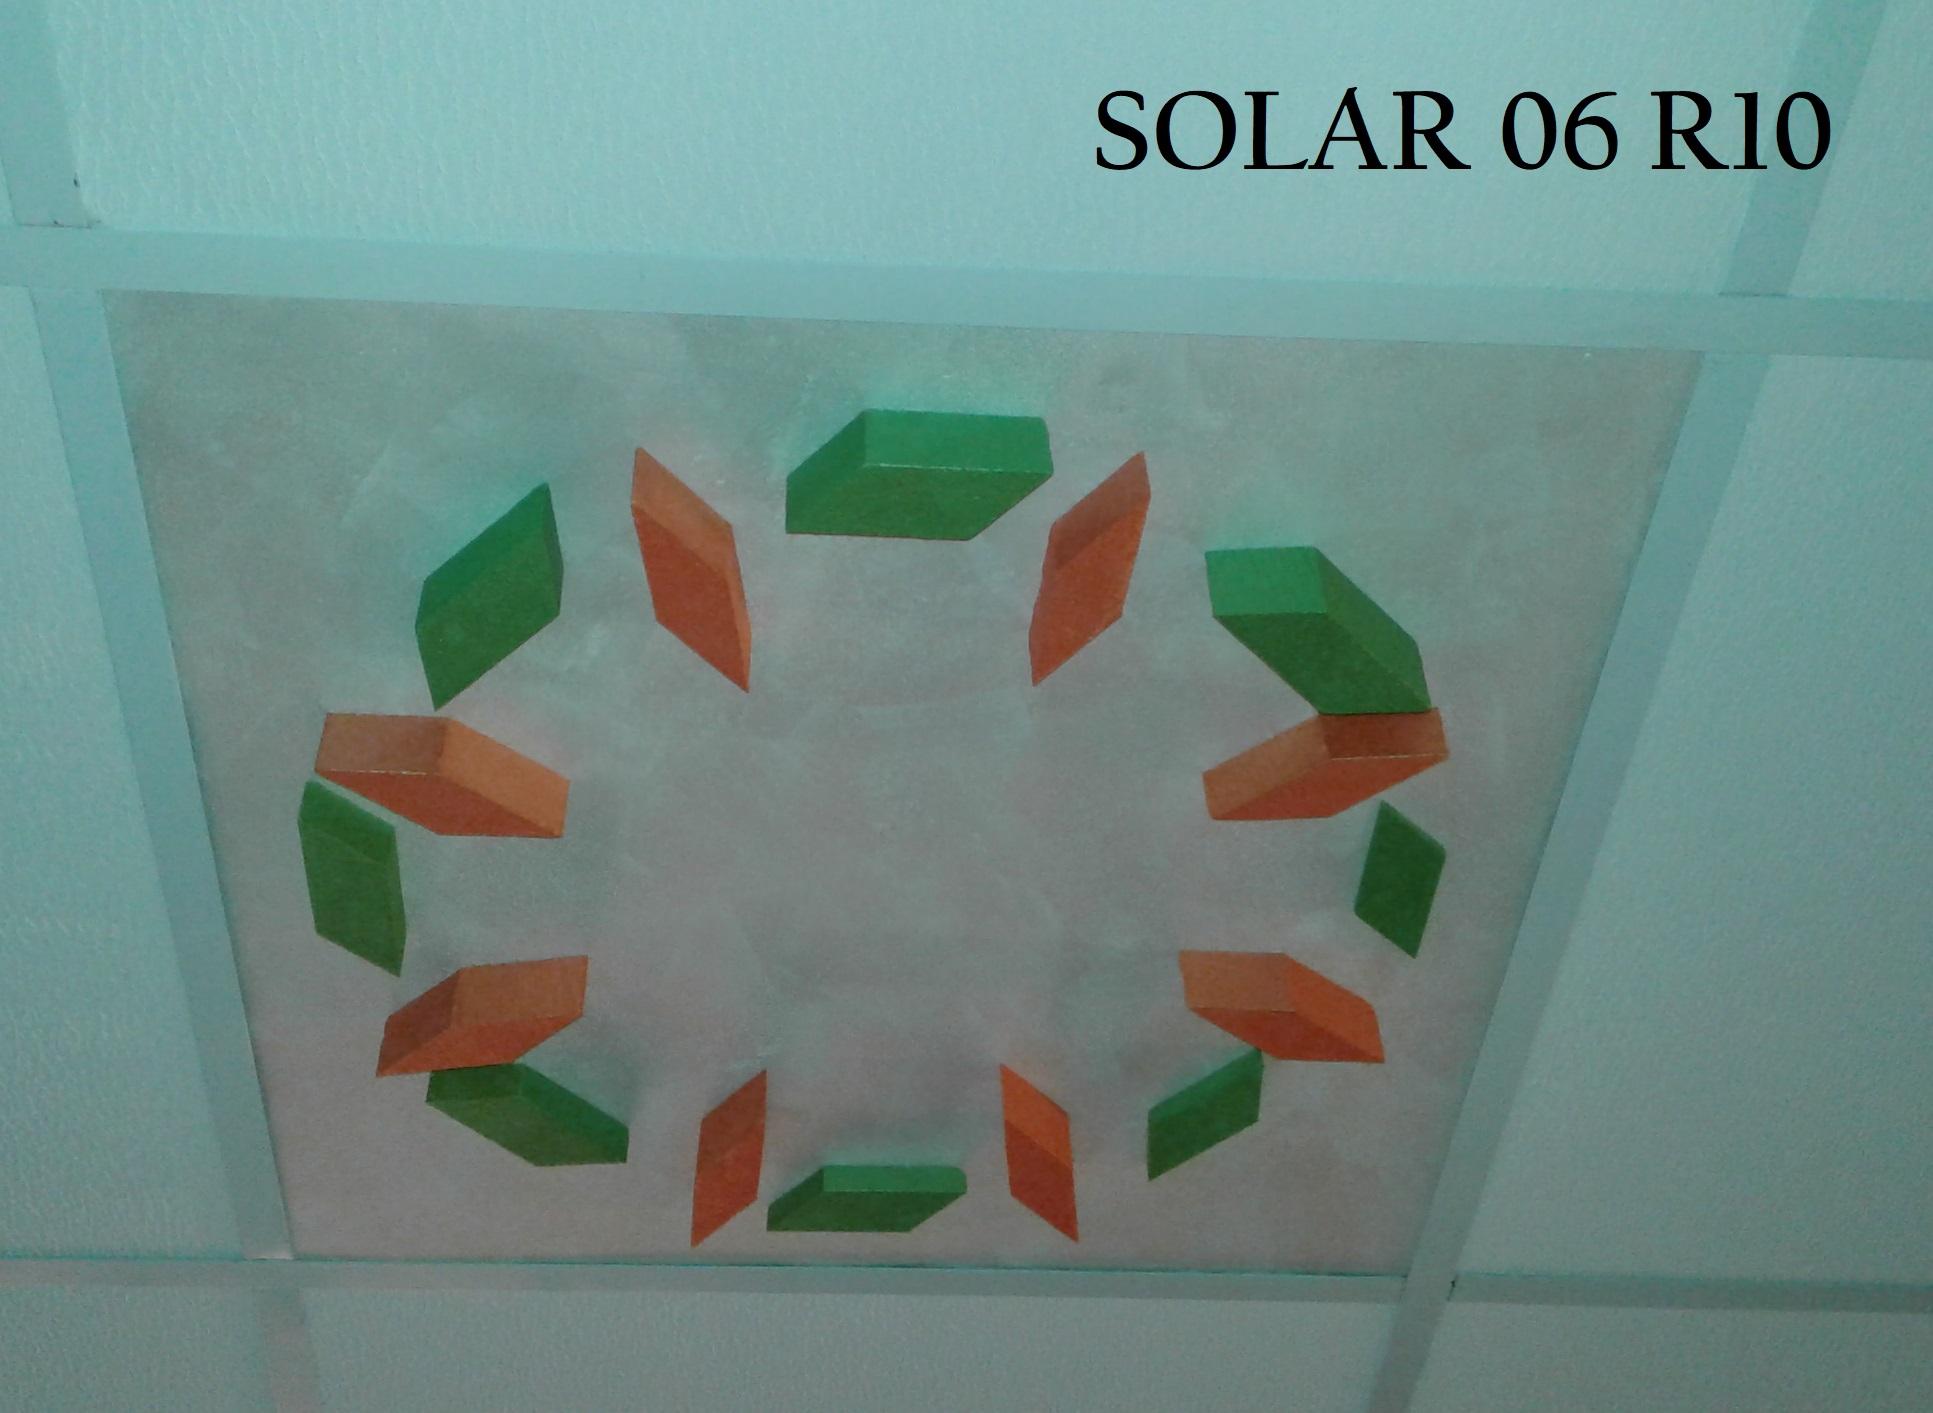 SOLAR 06 R10